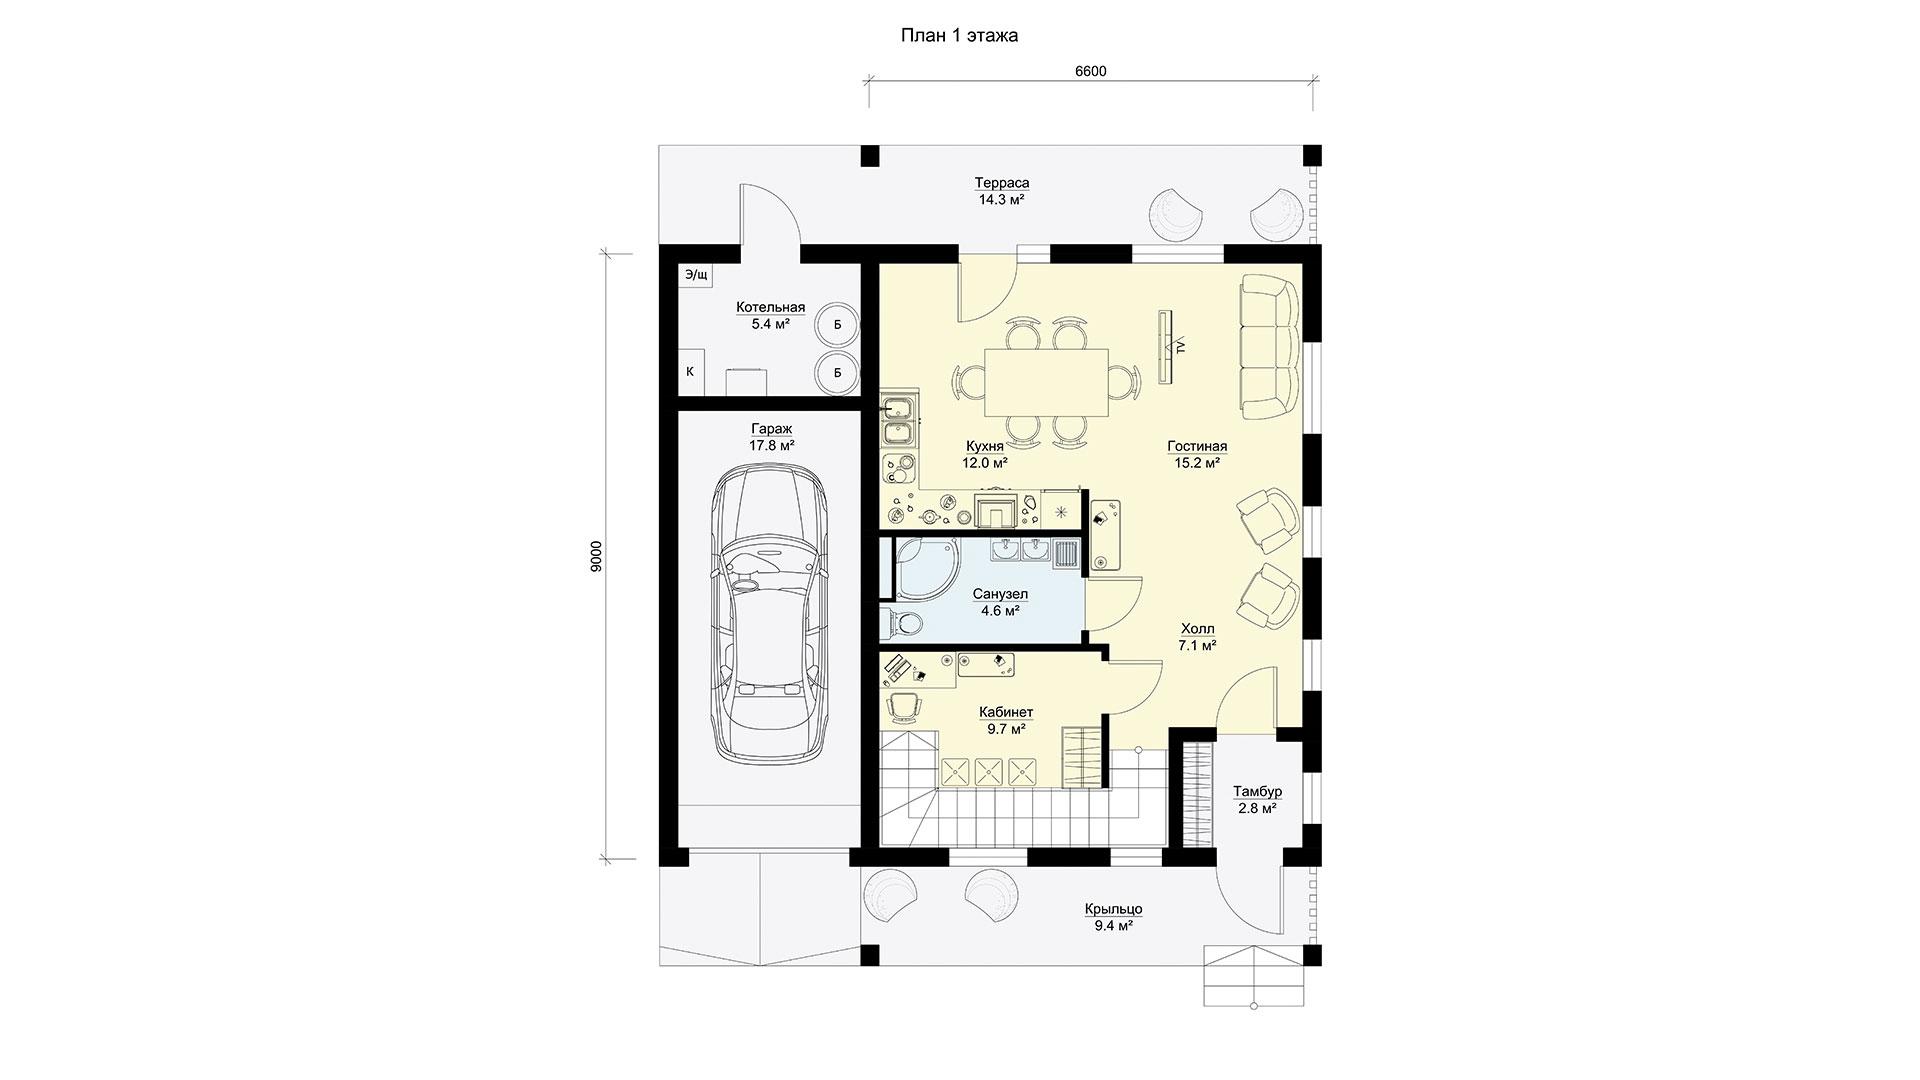 План первого этажа двухэтажного дома БЭНПАН, проект МС-195.